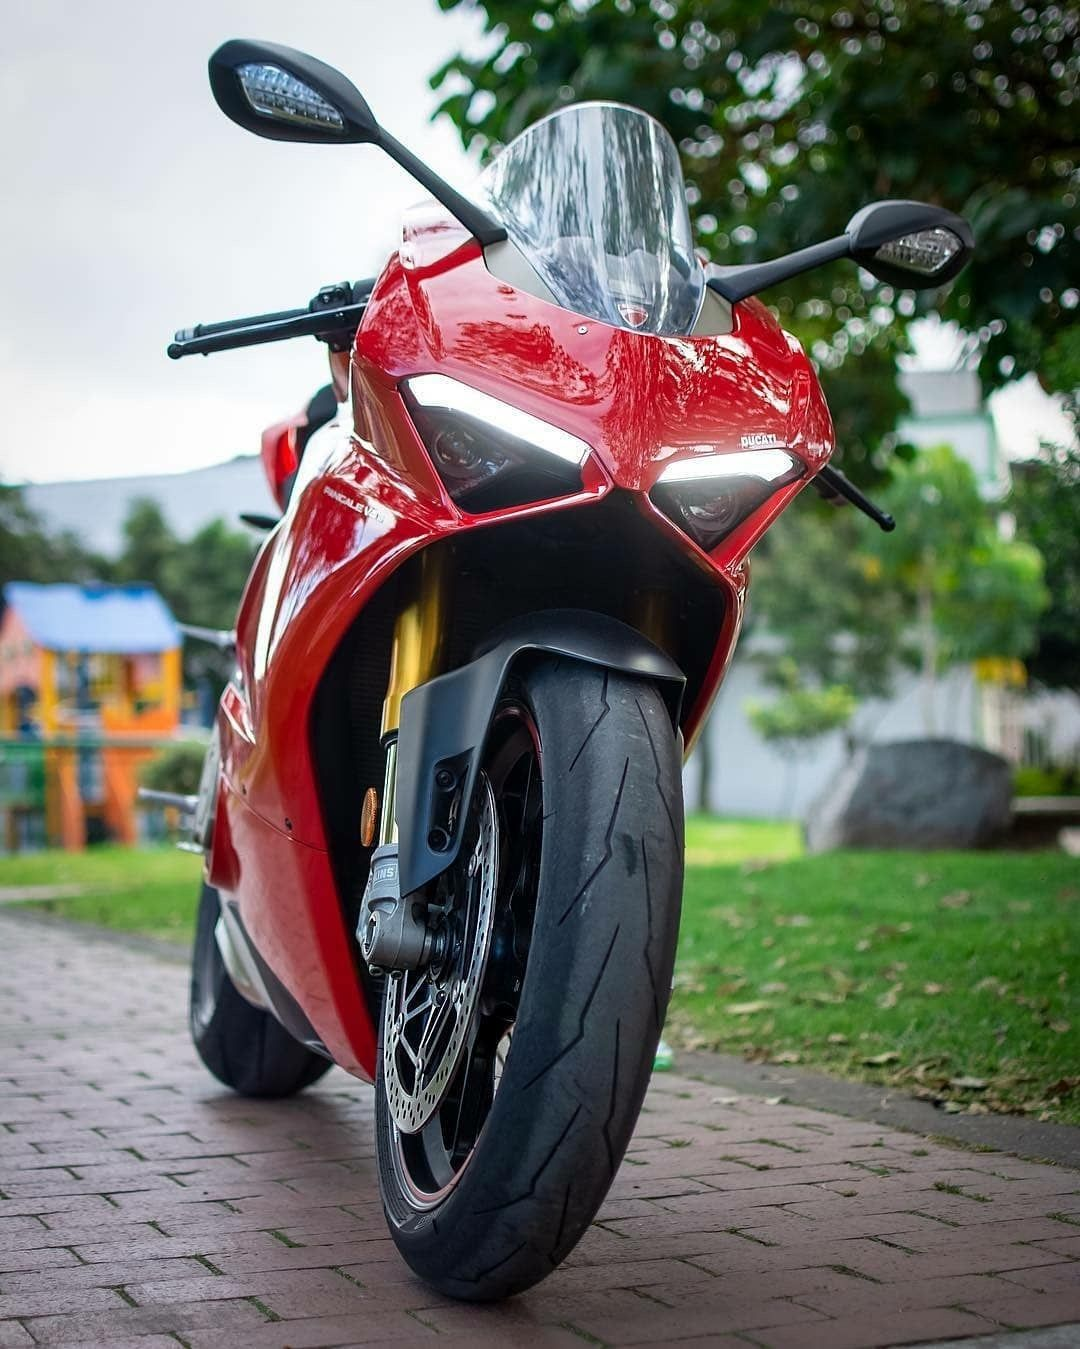 Pin de Handerson en Motos Ducati, Feliz navidad, Motos